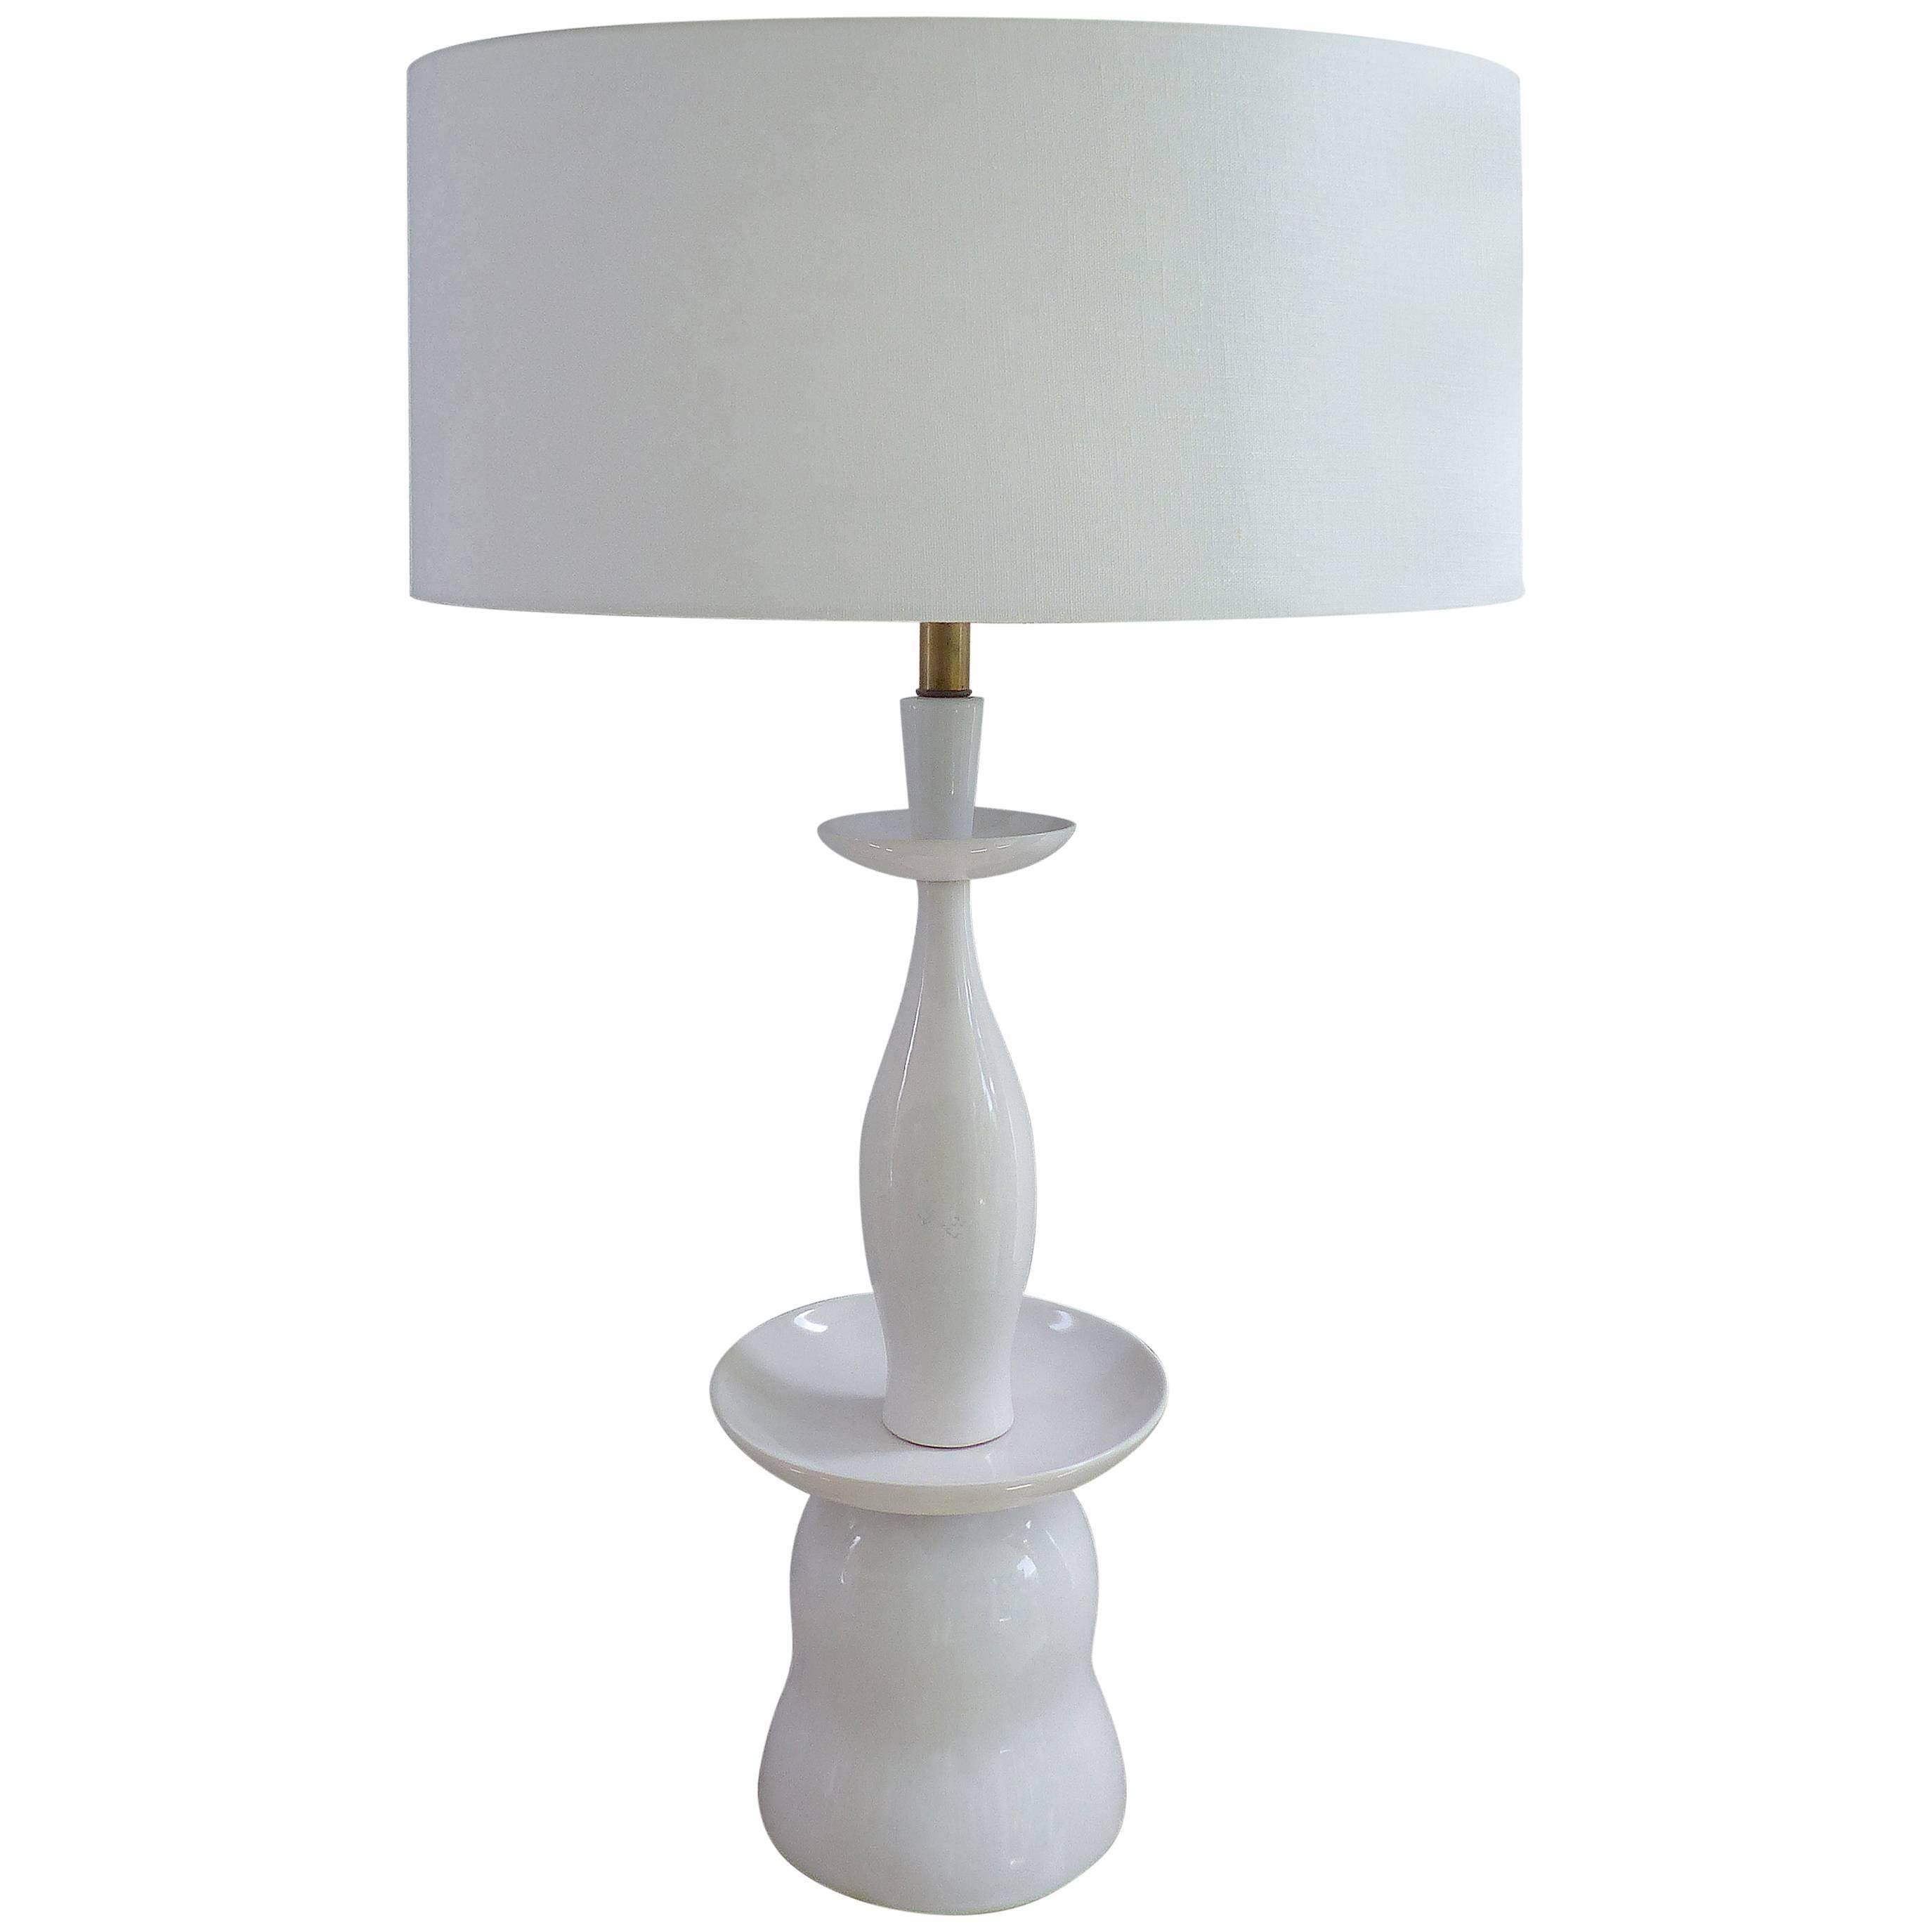 White Porcelain Table Lamp By Gerald Thurston For Lightolier For Sale